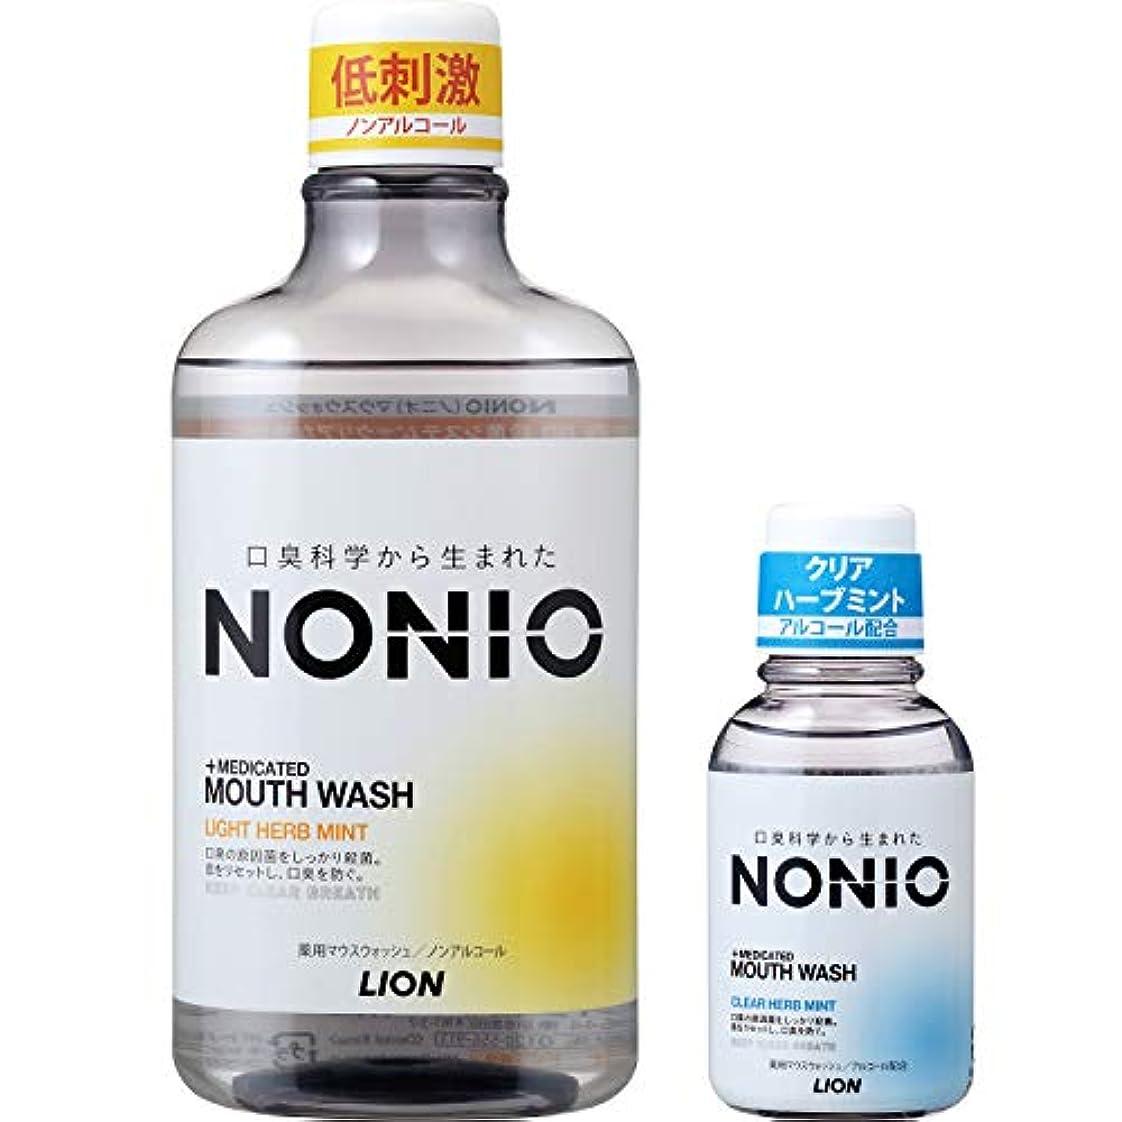 立方体高さ苦い[医薬部外品]NONIO マウスウォッシュ ノンアルコール ライトハーブミント 600ml 洗口液+ミニリンス80ml